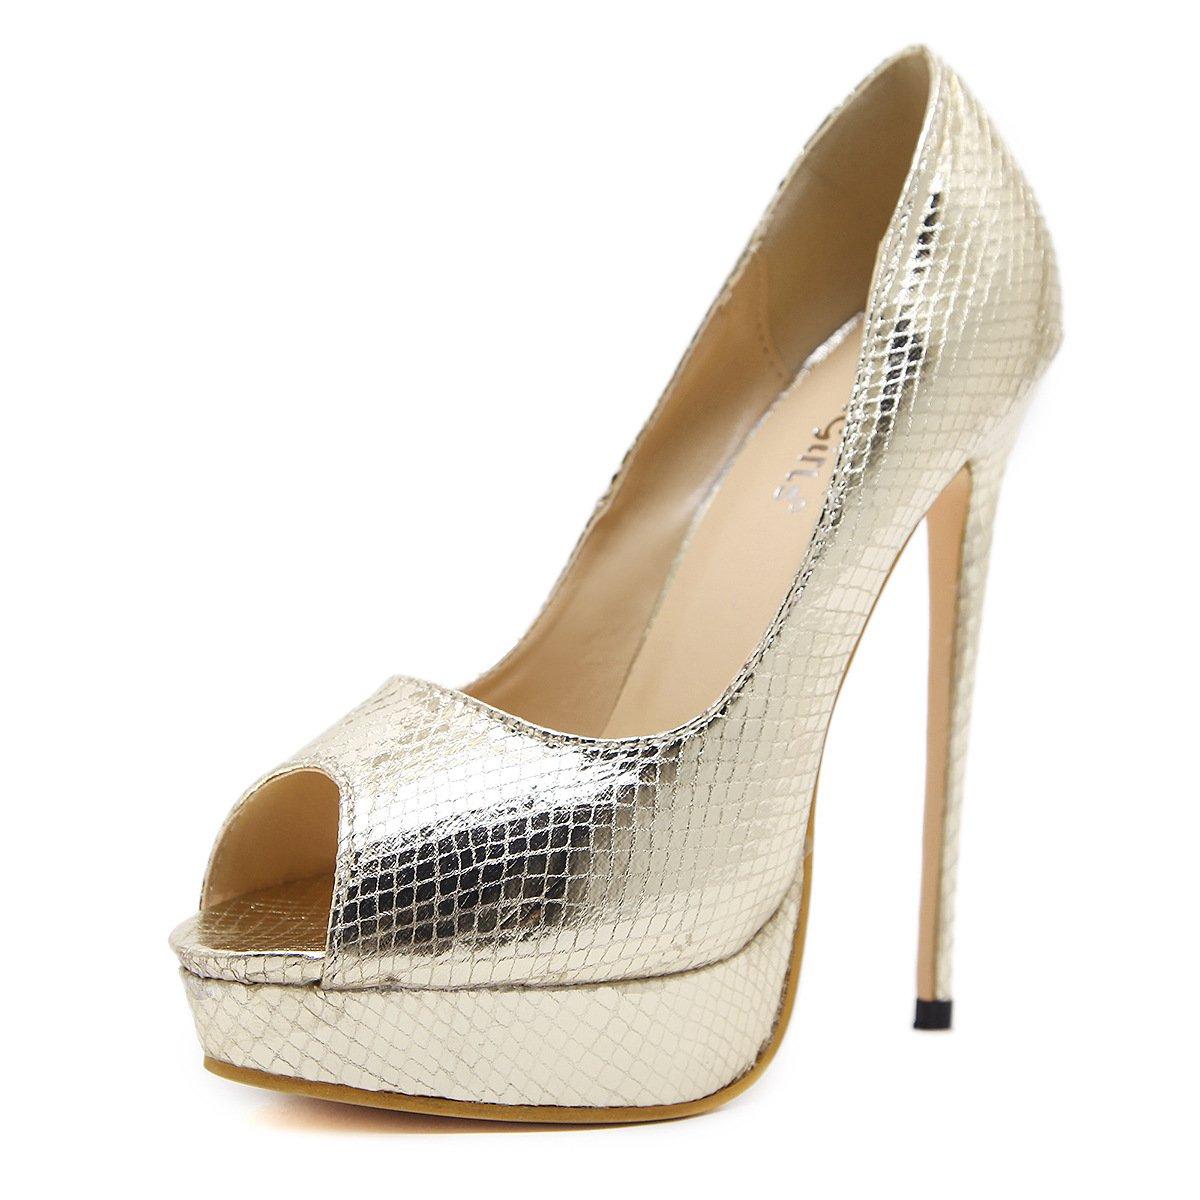 ZHZNVX Die Stilvolle High-Heel Schuhe Stilvolle Snakeskin Sexy Fisch Mund Schuhe mit Hohen Absätzen Gold 39